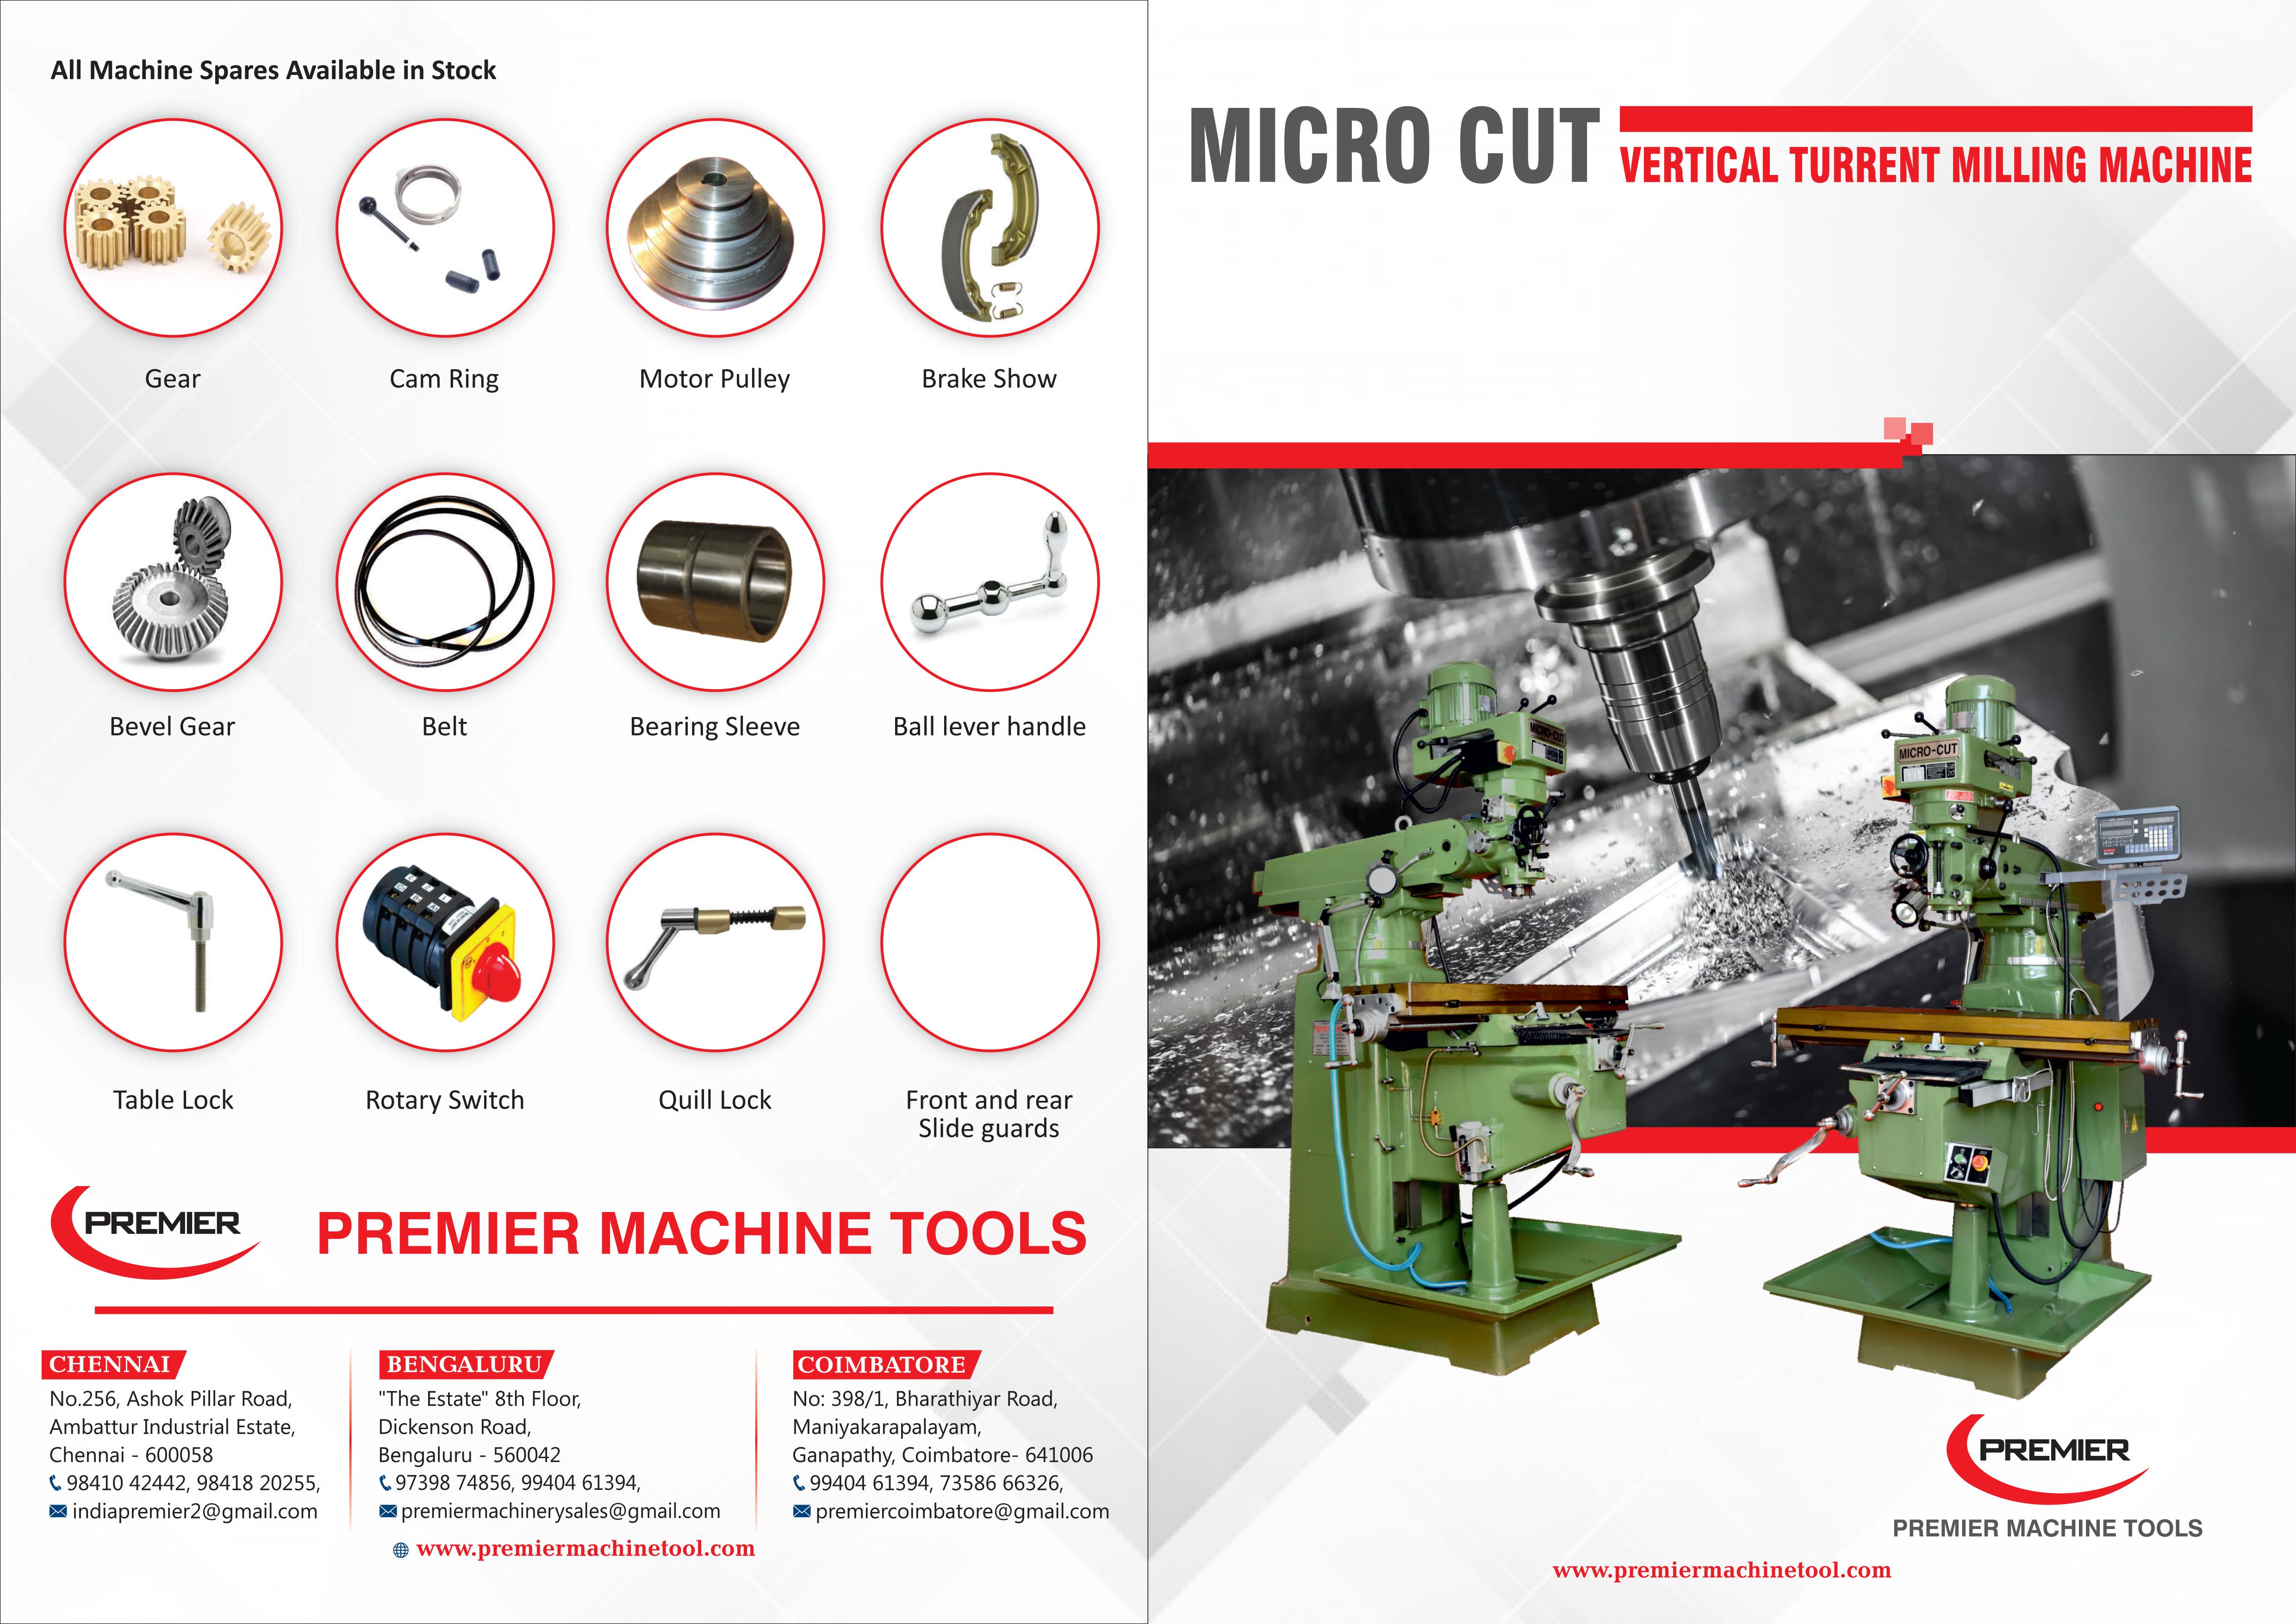 Vertical Turret Microcut Milling Machine